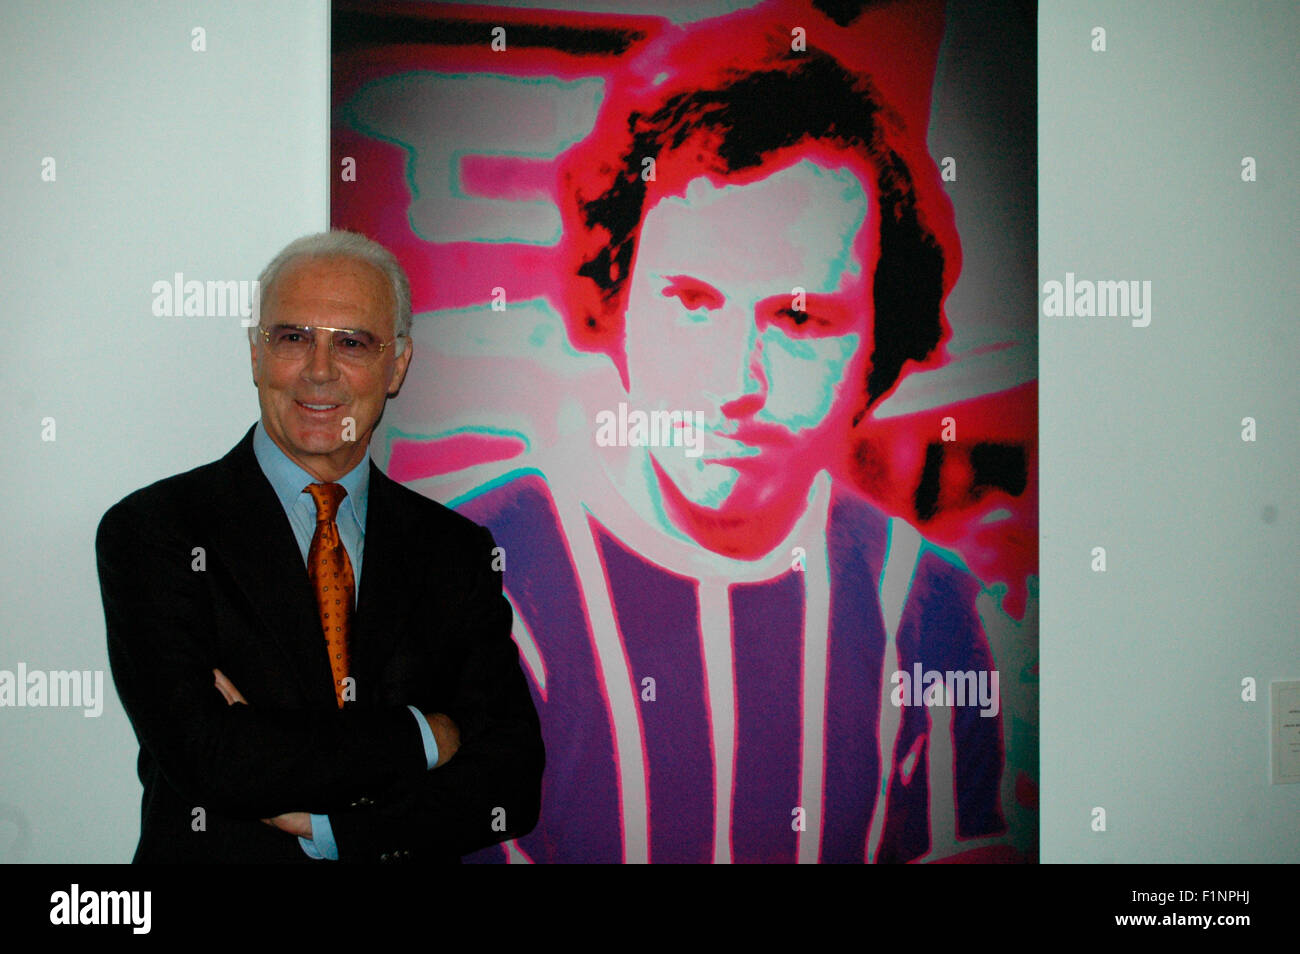 """Franz Beckenbauer - eines Enthuellung retratos """"des Kaisers' der Schweizer Kuenstlerin Annelies Strba se ha encargado de la im Rahmen der Ausstellung Foto de stock"""